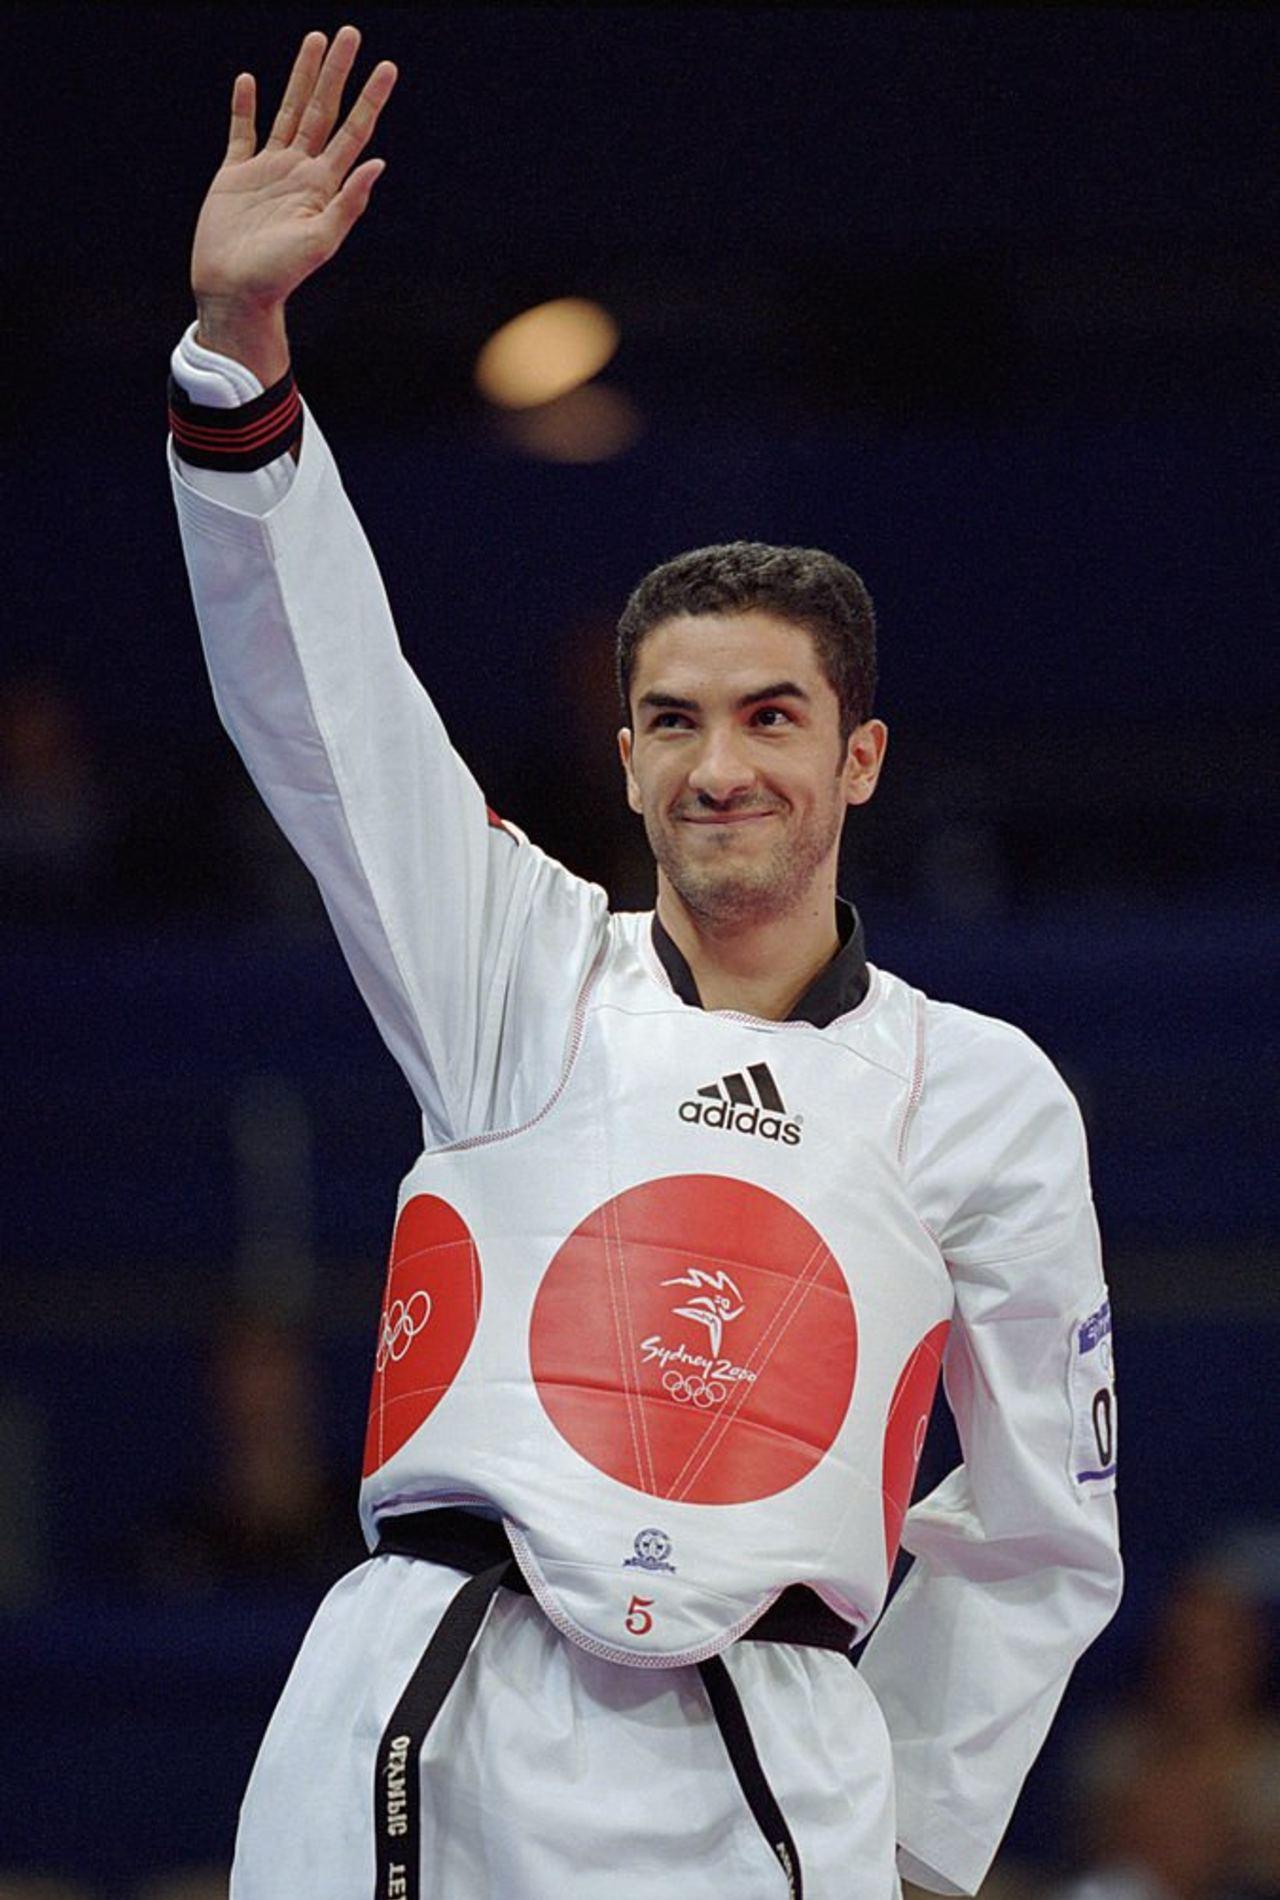 Víctor Estrada medallista Sídney 2000